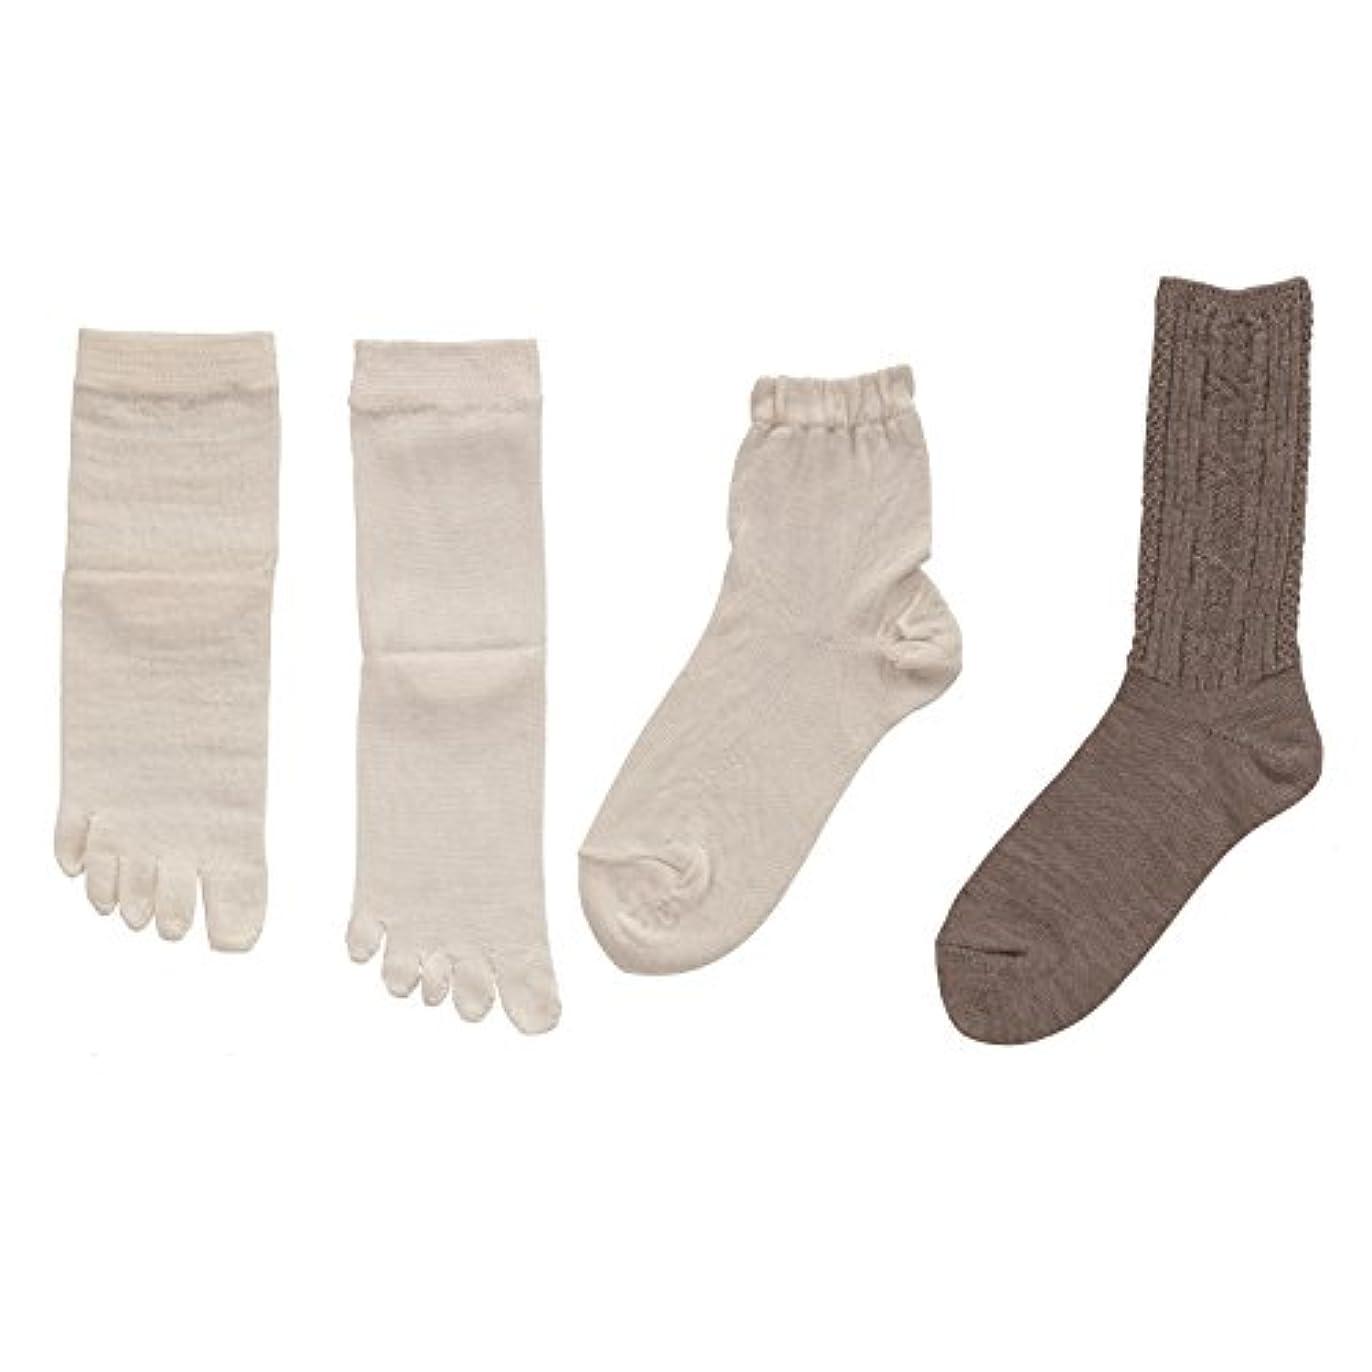 石化する豊富にエンドテーブル砂山靴下 TUMUGI 絹と毛の4枚重ね履き靴下 グレー